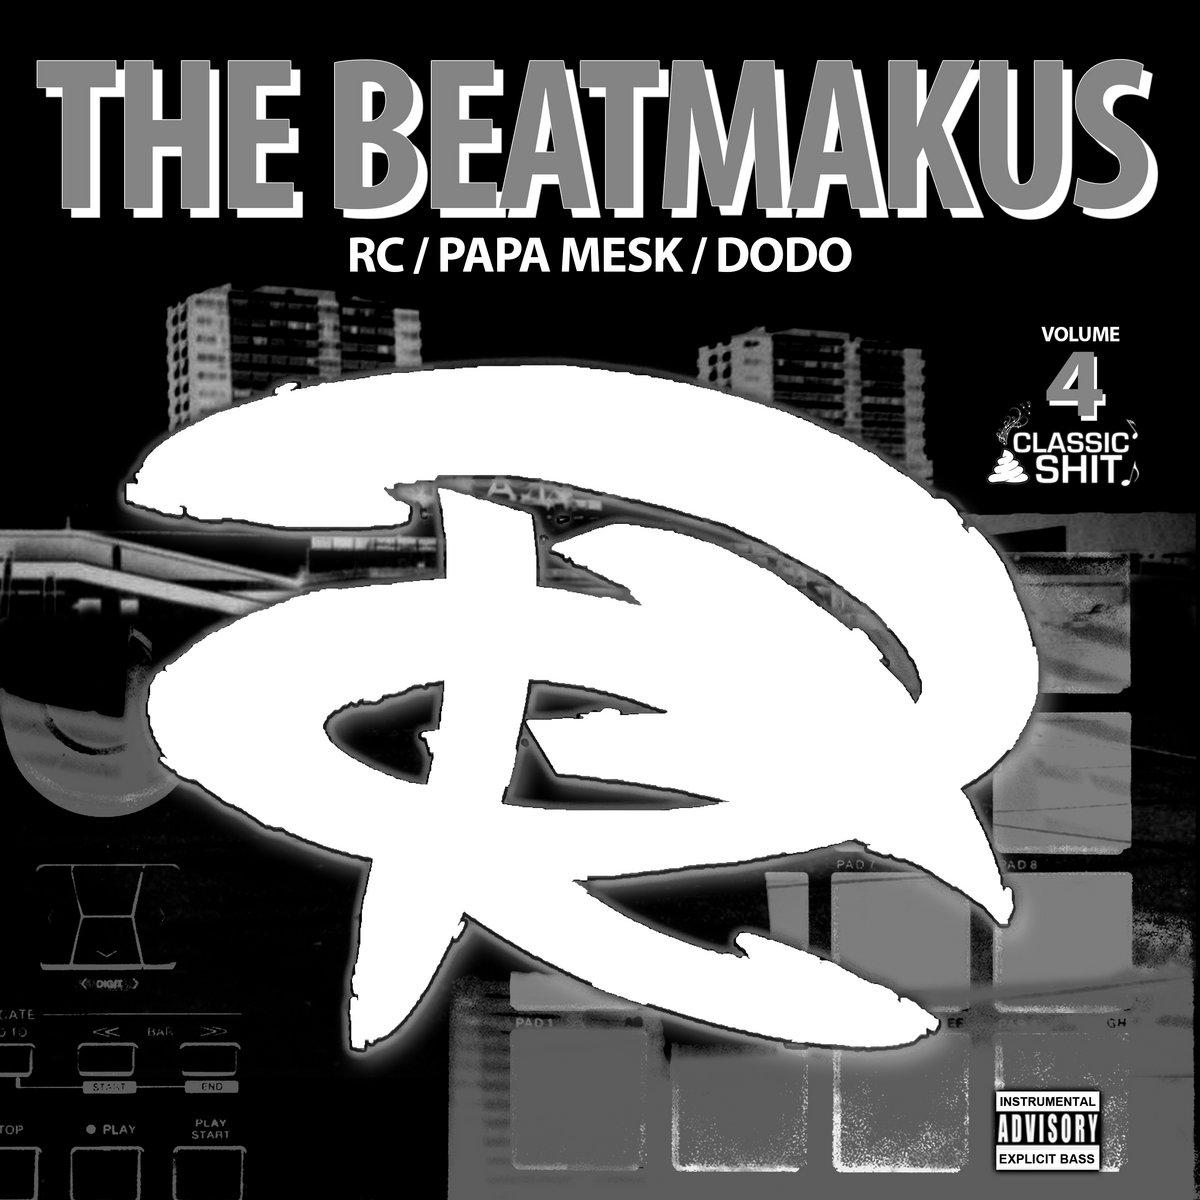 """Album Cd """"The RC Beatmakus volumes 4"""" de the rc beatmakus sur Scredboutique.com"""